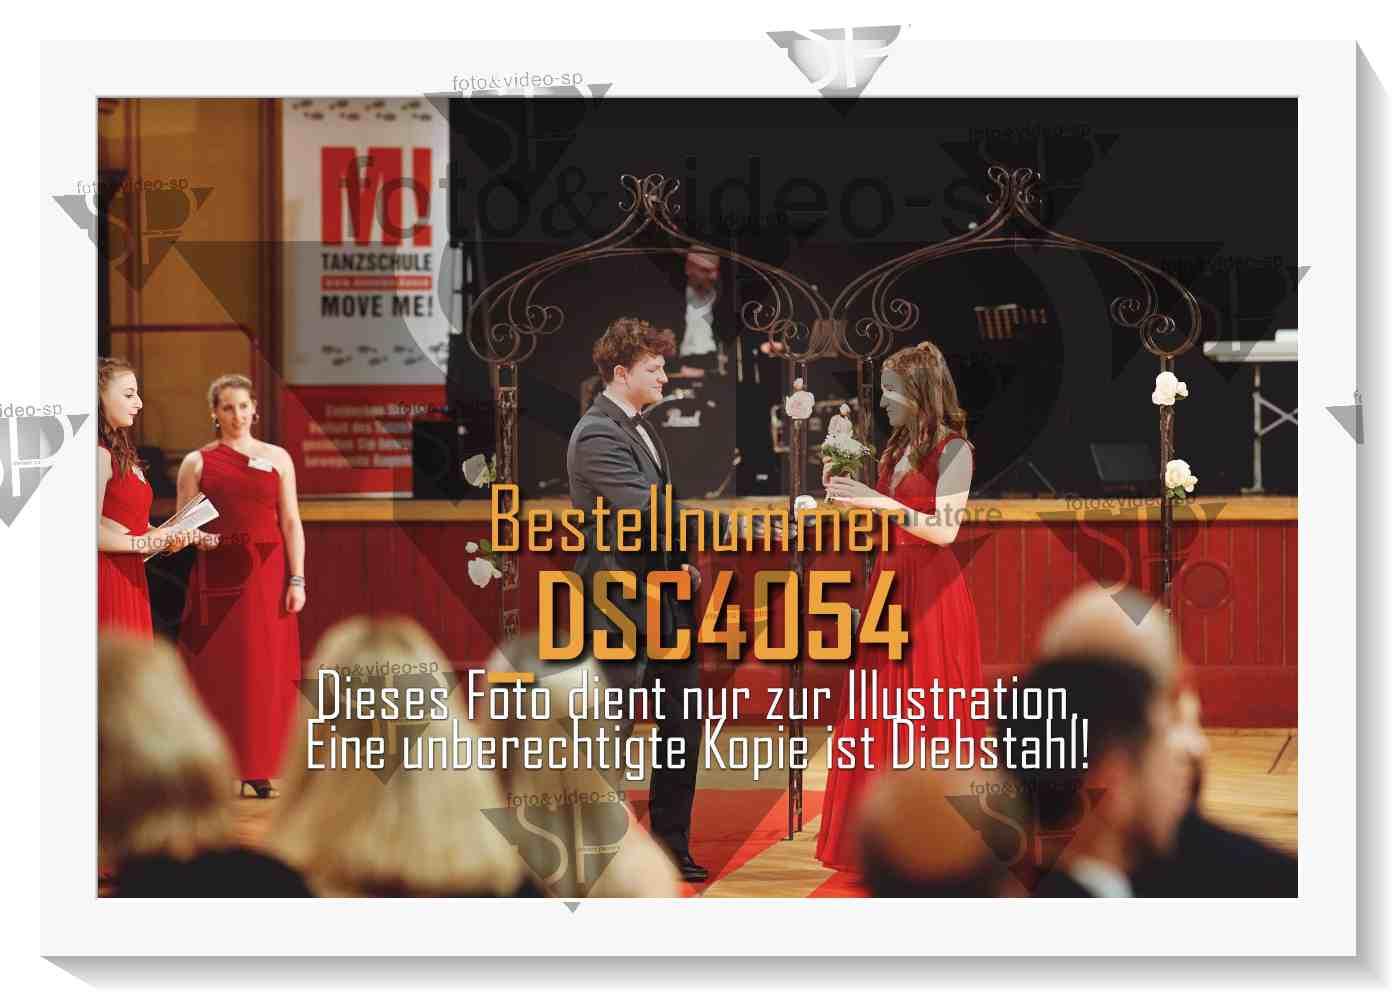 DSC4054